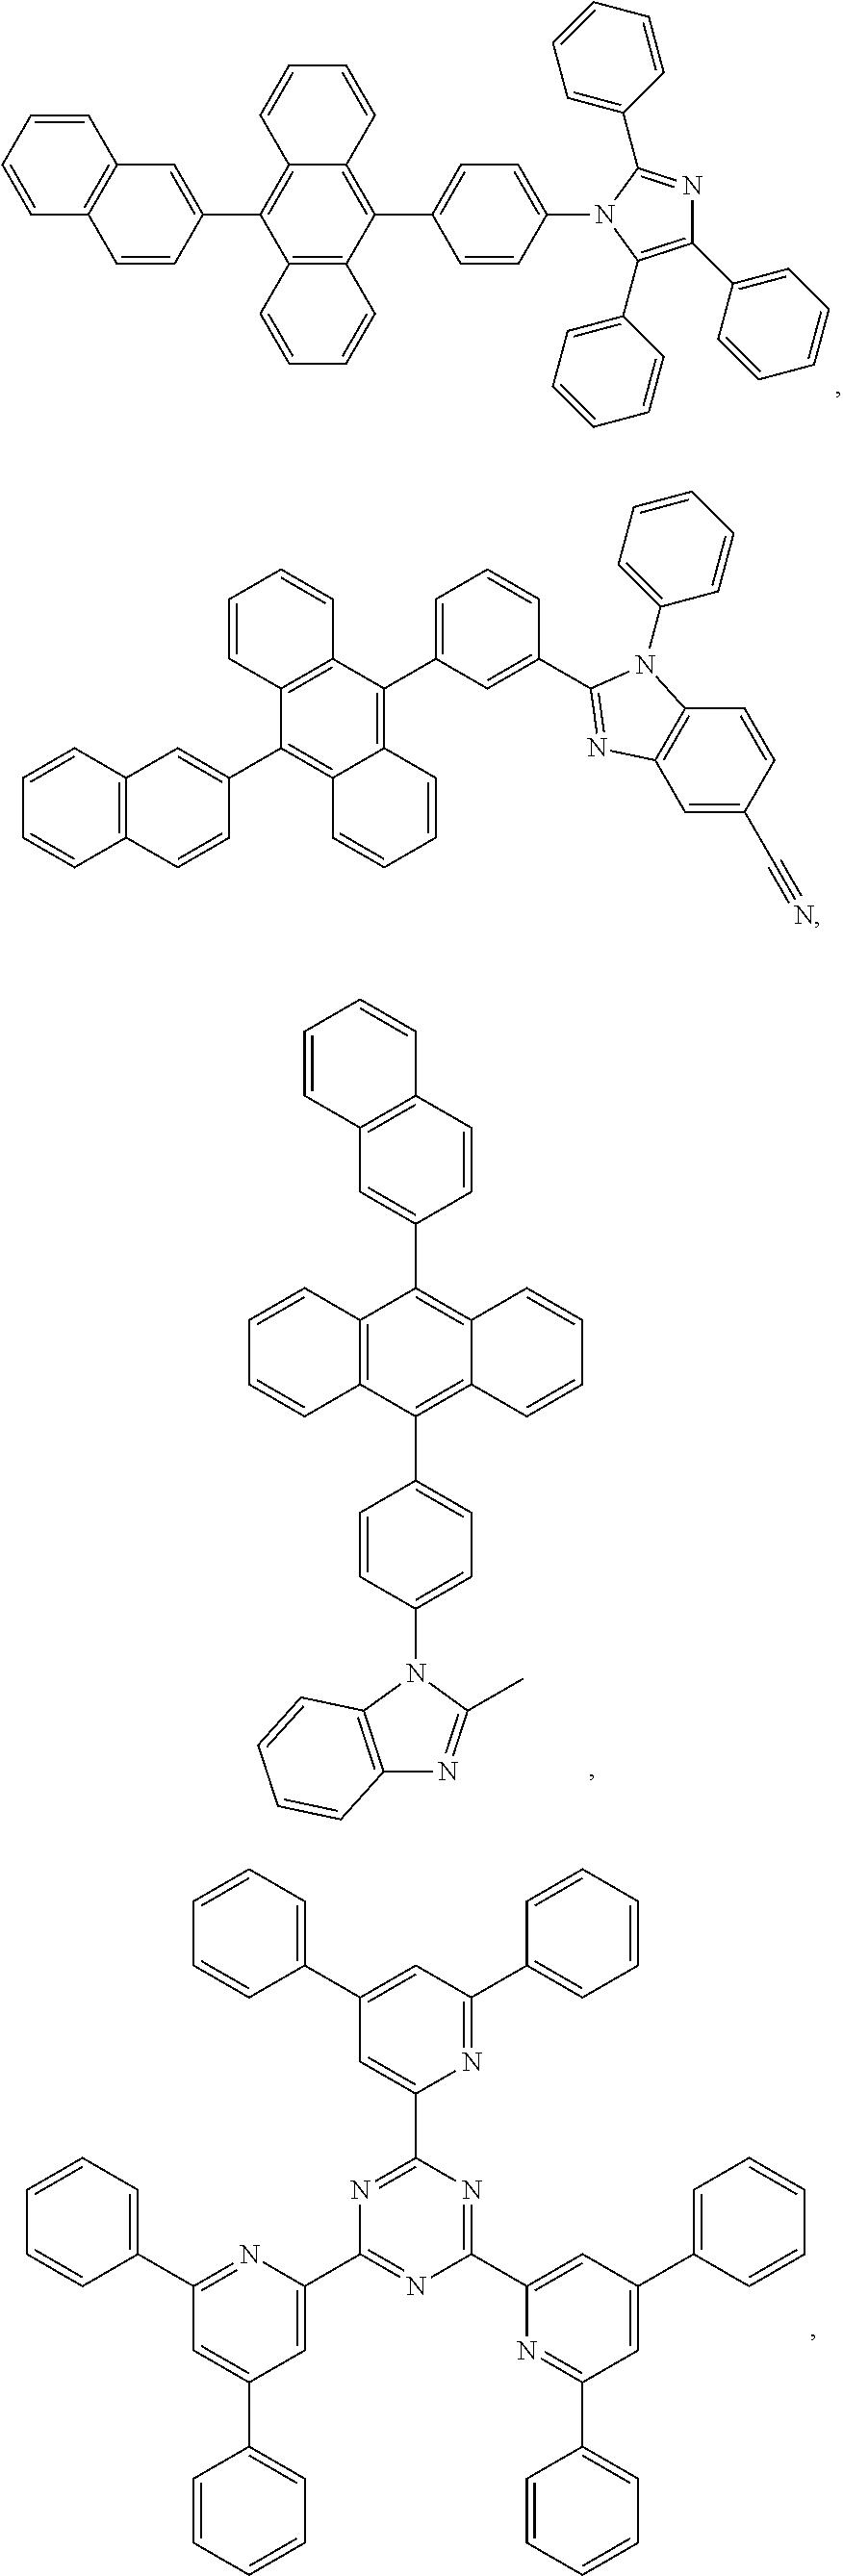 Figure US20170033295A1-20170202-C00160